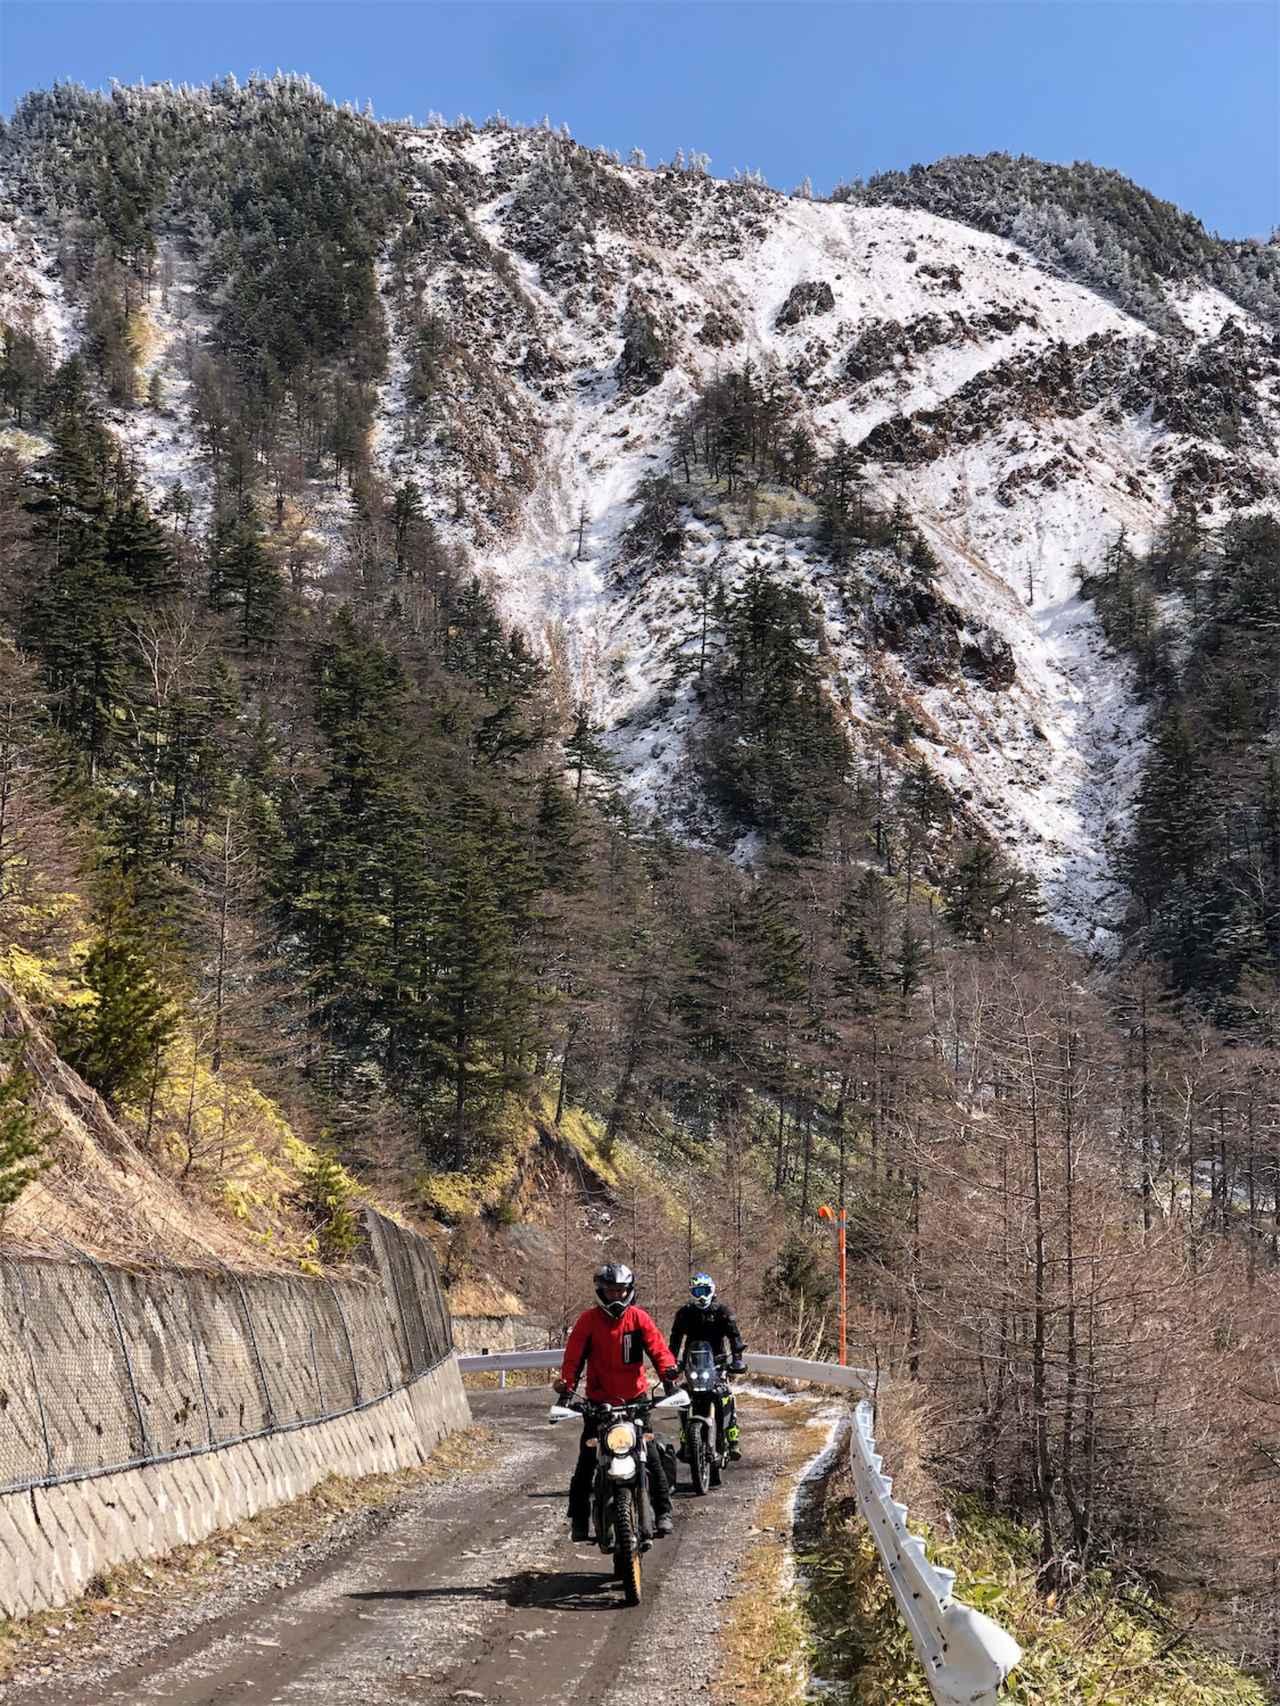 画像2: 外は雪景色、ビッグバイク3台は山を下りられるのか?